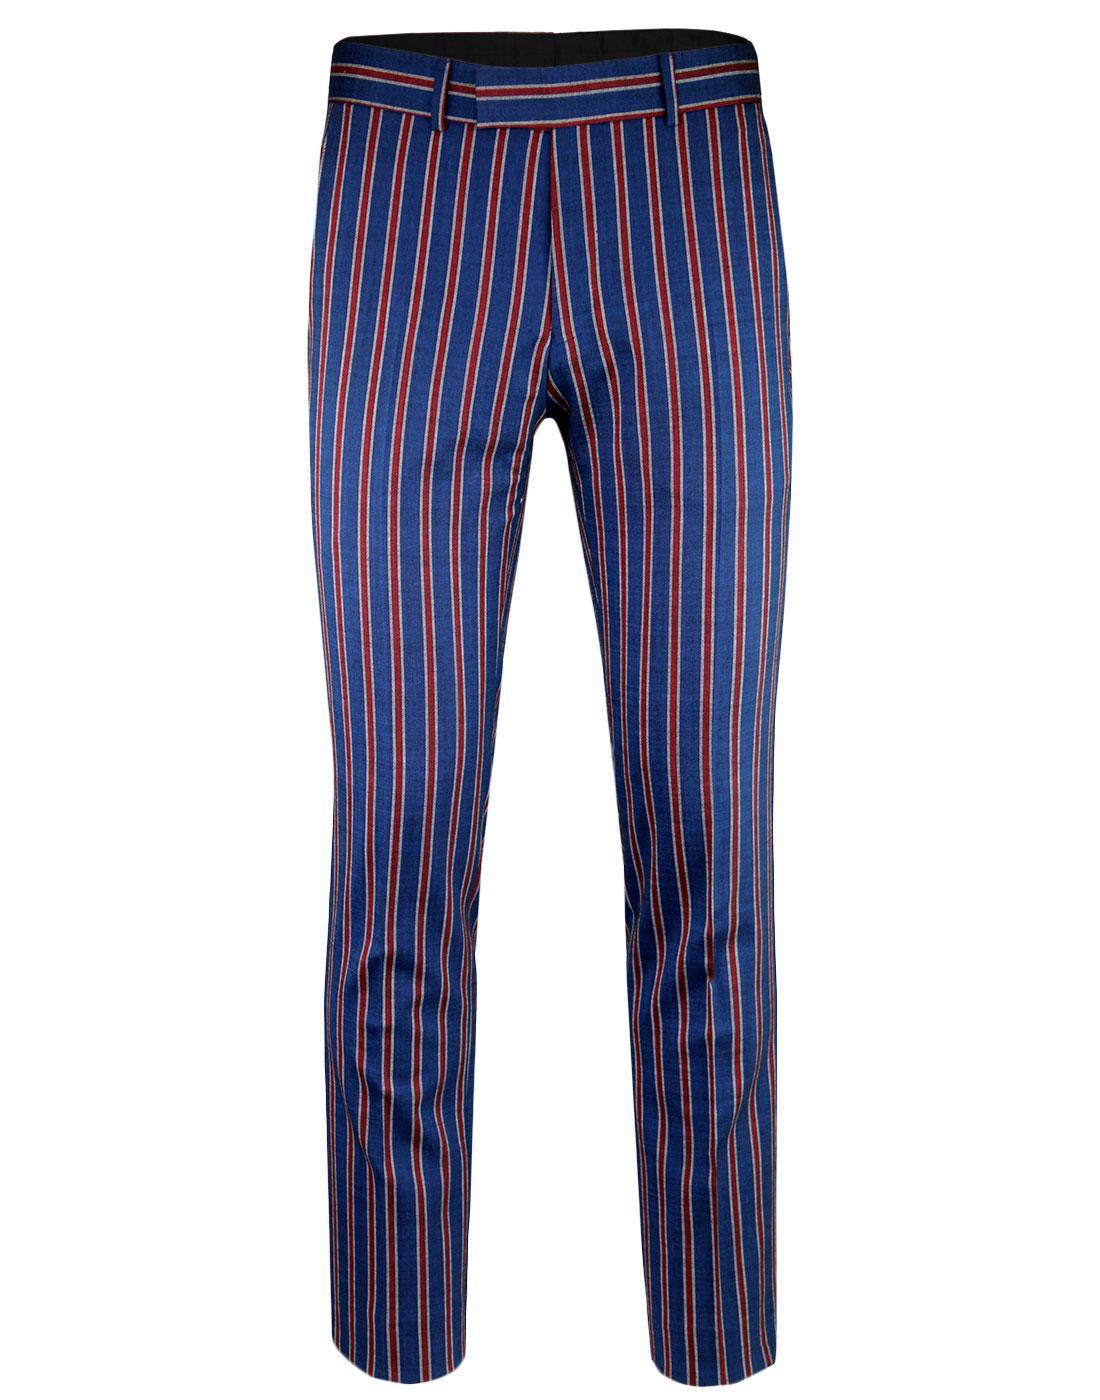 MADCAP ENGLAND Mod Regatta Stripe Suit Trousers